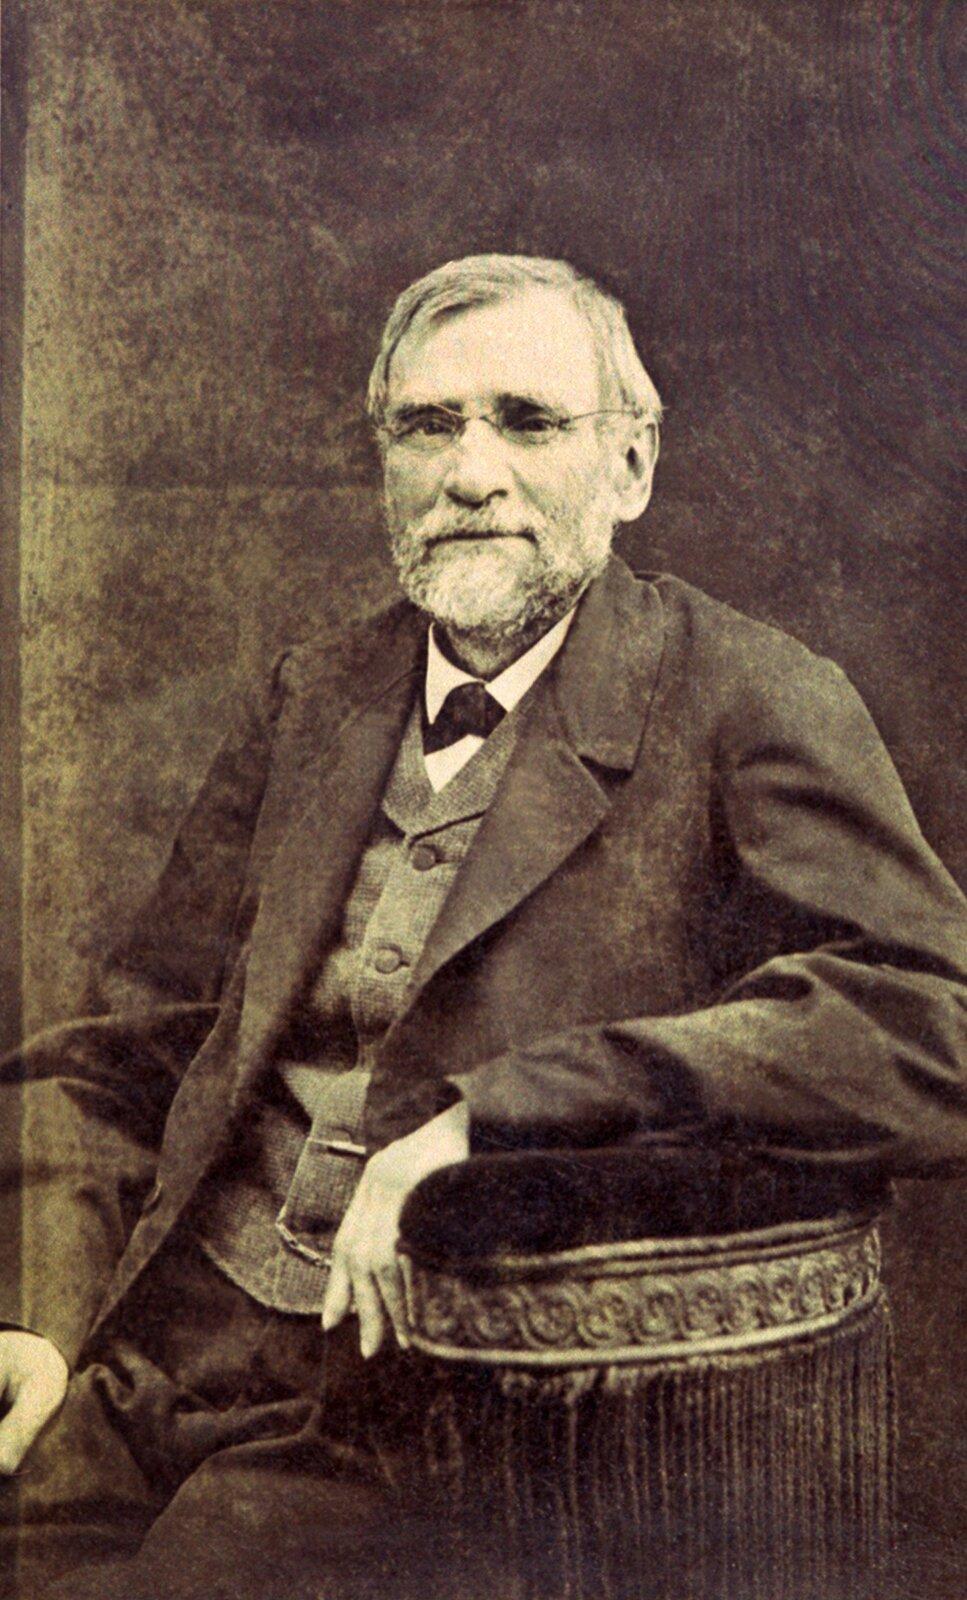 Na ilustracji portret Oskara Kolberga, autorstwa Walerego Rzewuskiego. Dzieło ukazuje starszego mężczyznę wpozycji siedzącej. Postać widoczna jest zprawego półprofilu. Mężczyzna ma siwe średniej długości włosy, siwą brodę iwąsy. Nosi okulary wdrucianych oprawkach. Mężczyzna ma na sobie koszulę, kamizelkę ifrak.